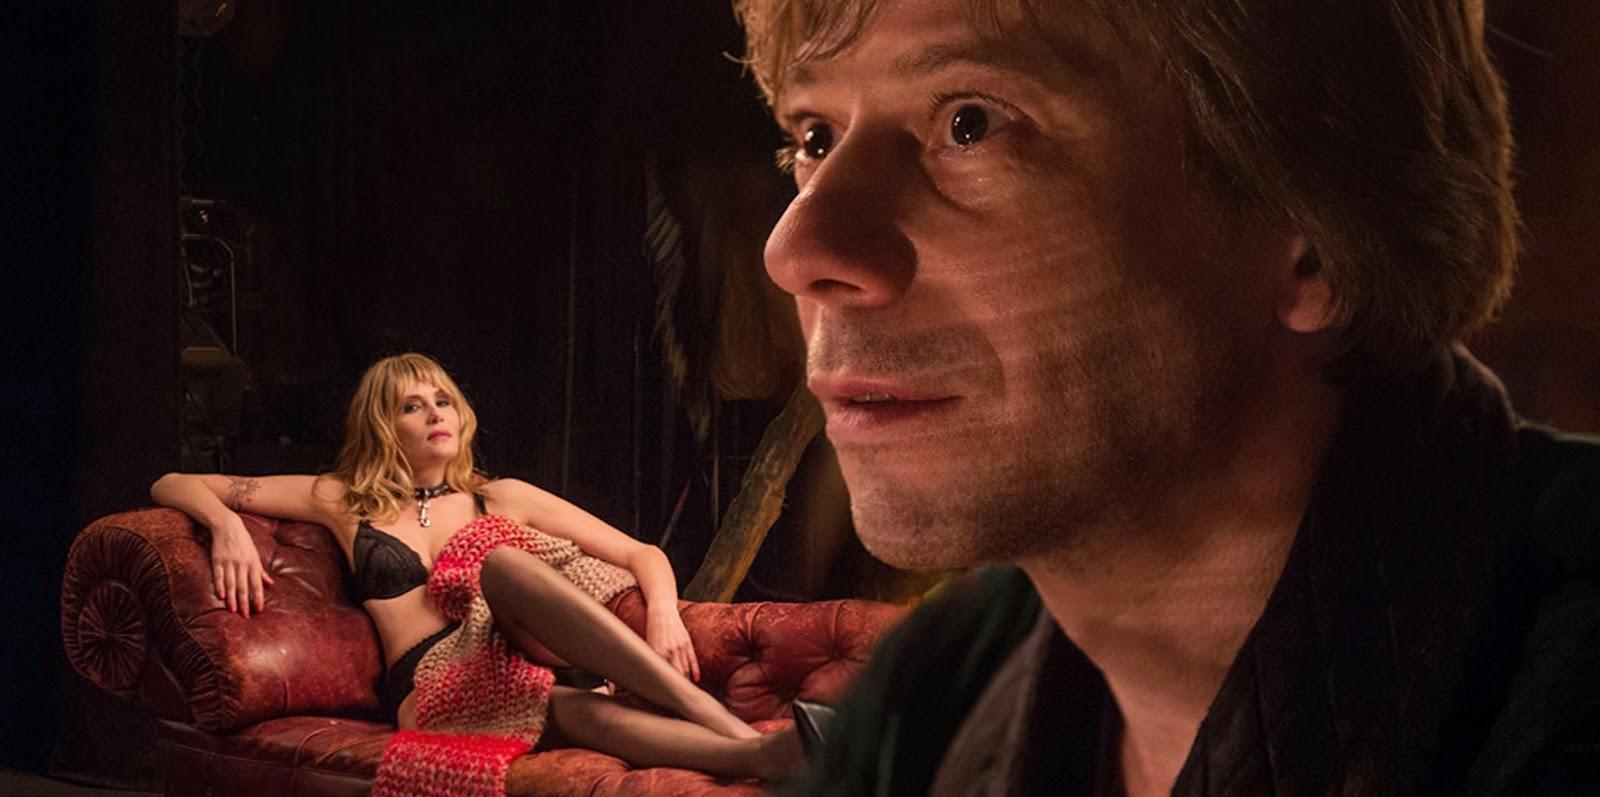 A Pele de Vênus | Novo trailer da adaptação de Roman Polanski, estrelada por Emmanuelle Seigner e Mathieu Amalric